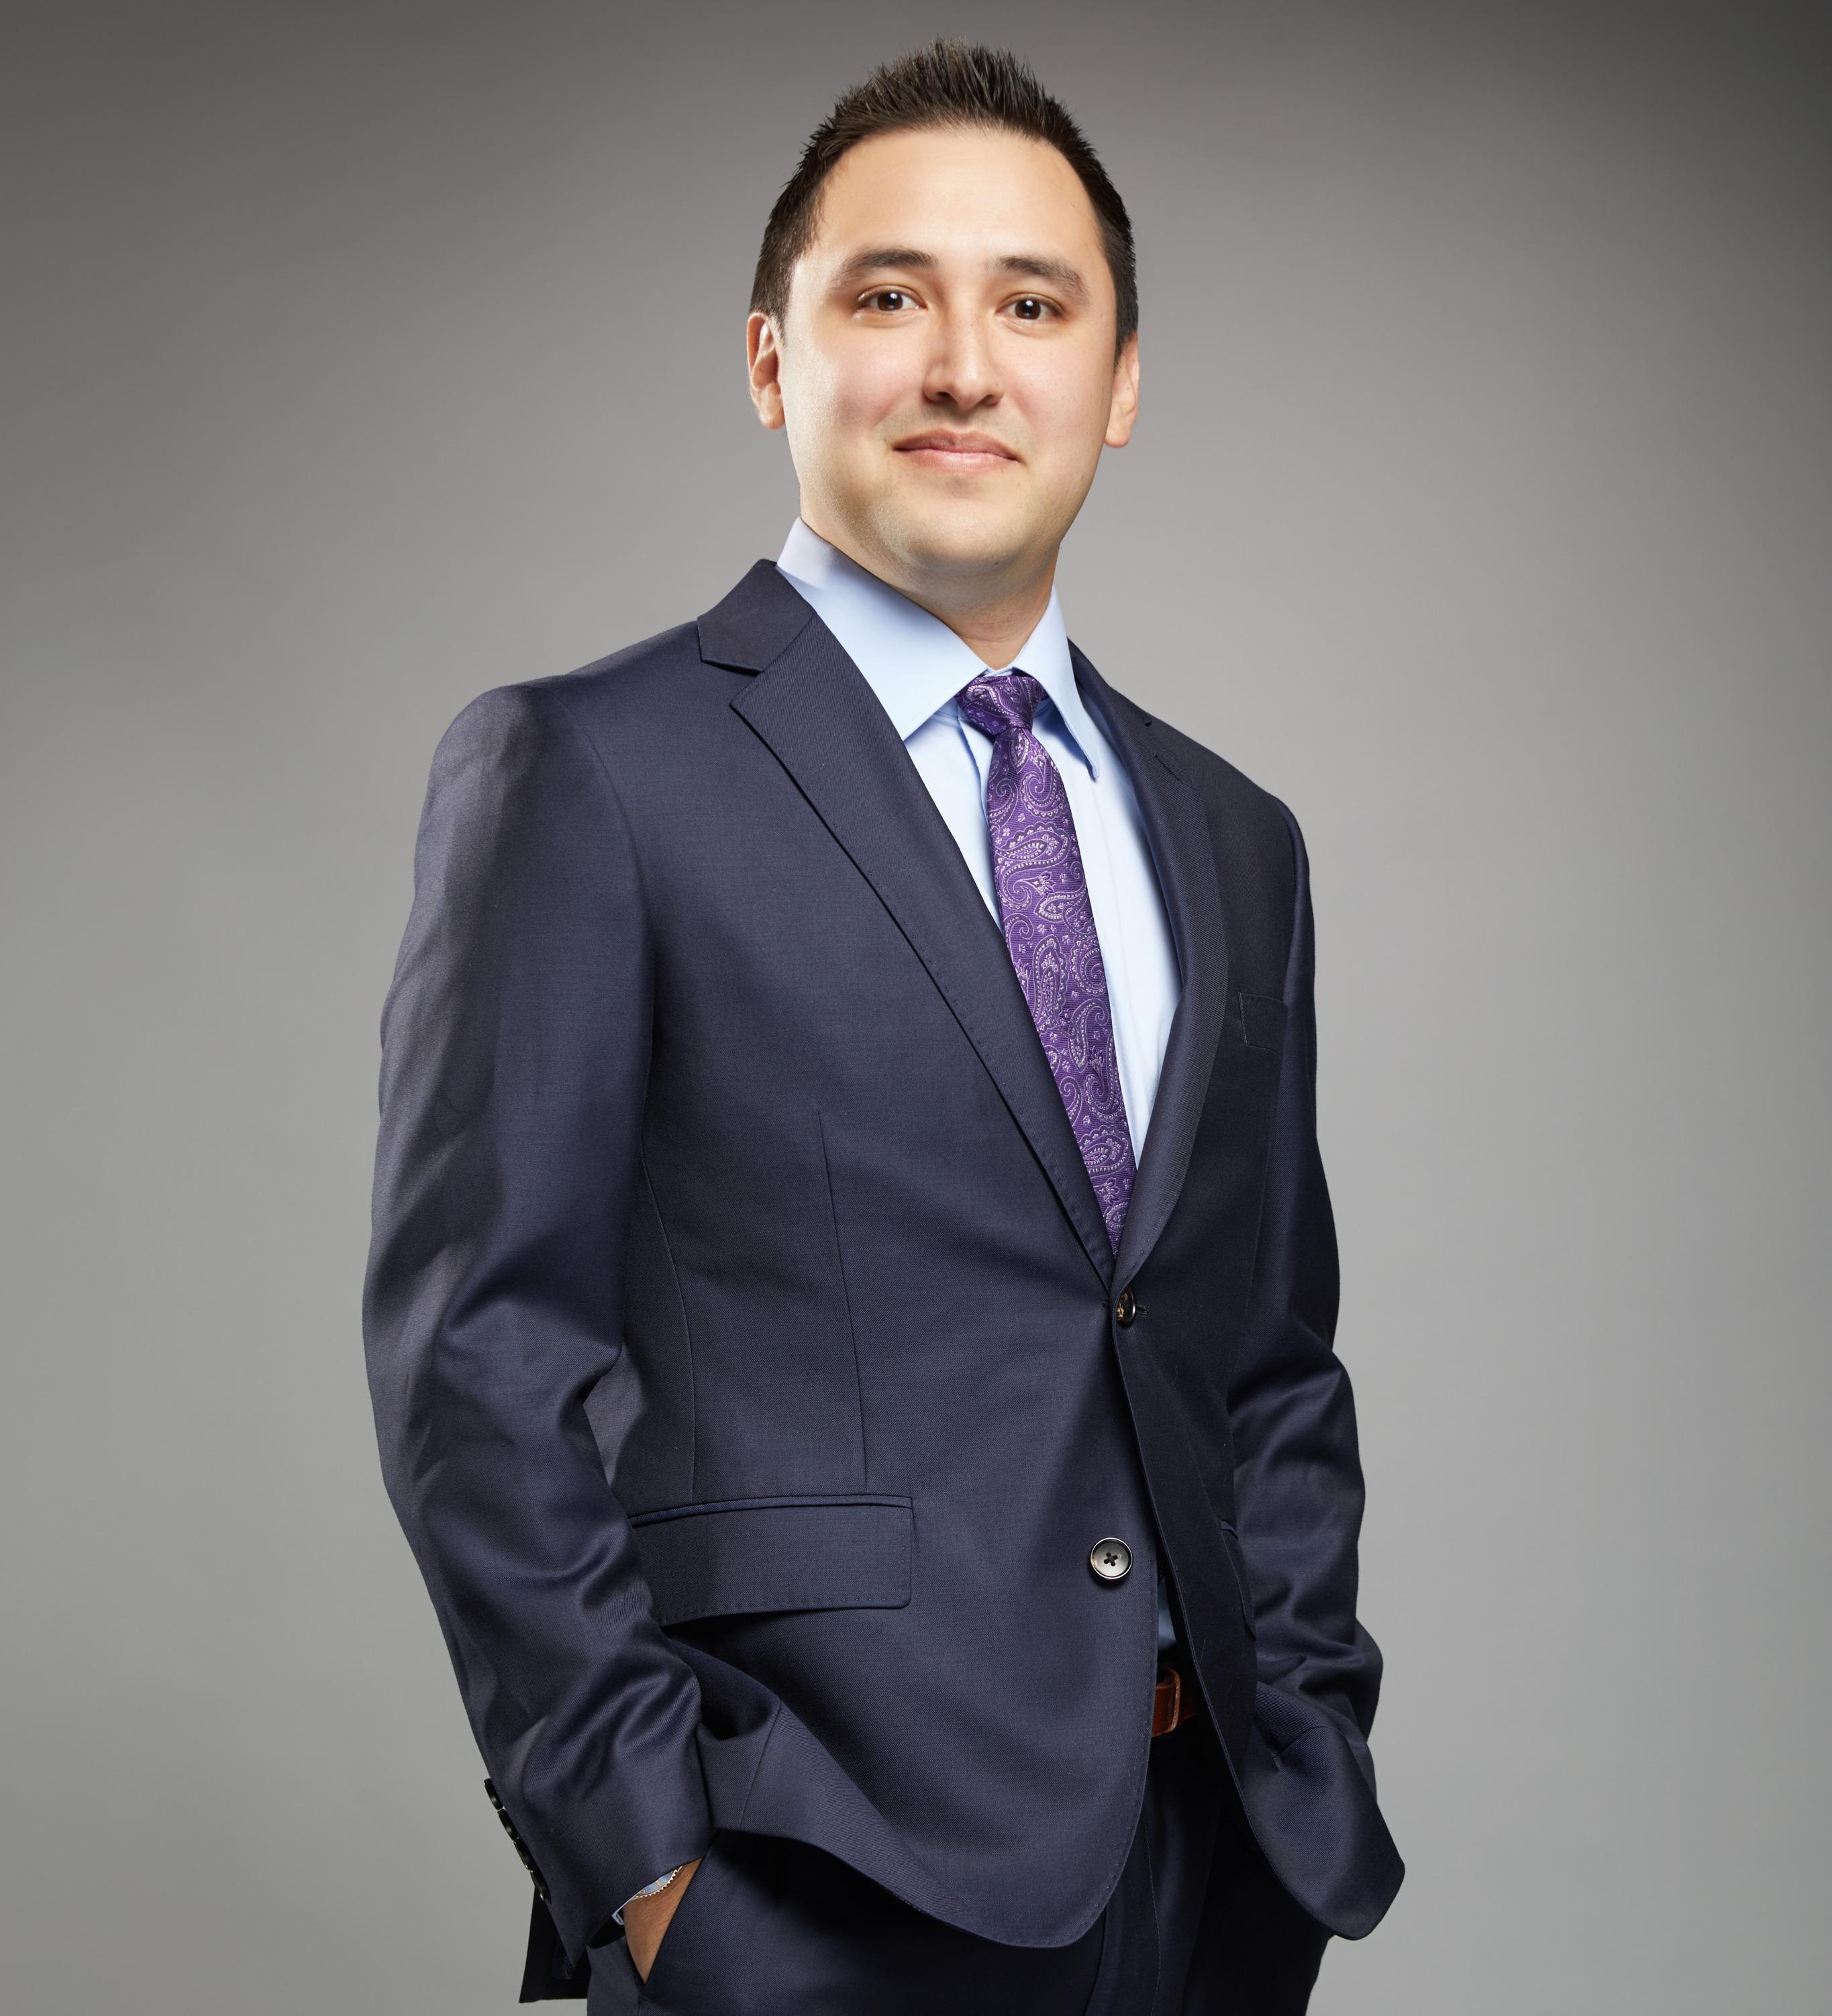 John Castro's Profile Image